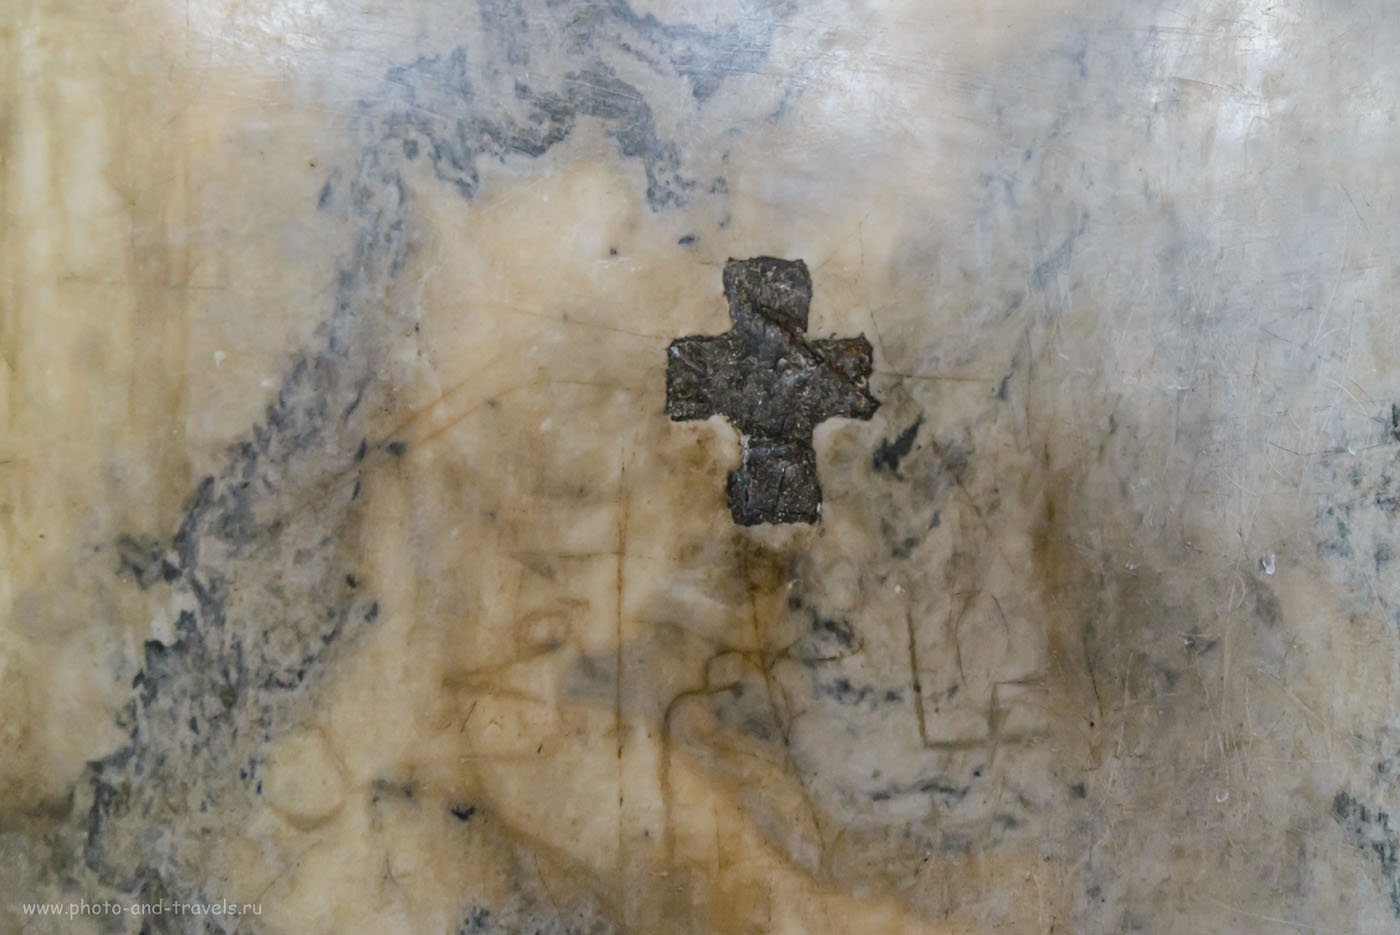 Фотография 24. Крест на стенах Айя-Софии. Отзывы об экскурсиях в Стамбуле. Что посмотреть в городе за один день. Отчеты о путешествии по Турции самостоятельно. 1/20, +0.67, 5.6, 5000, 14.